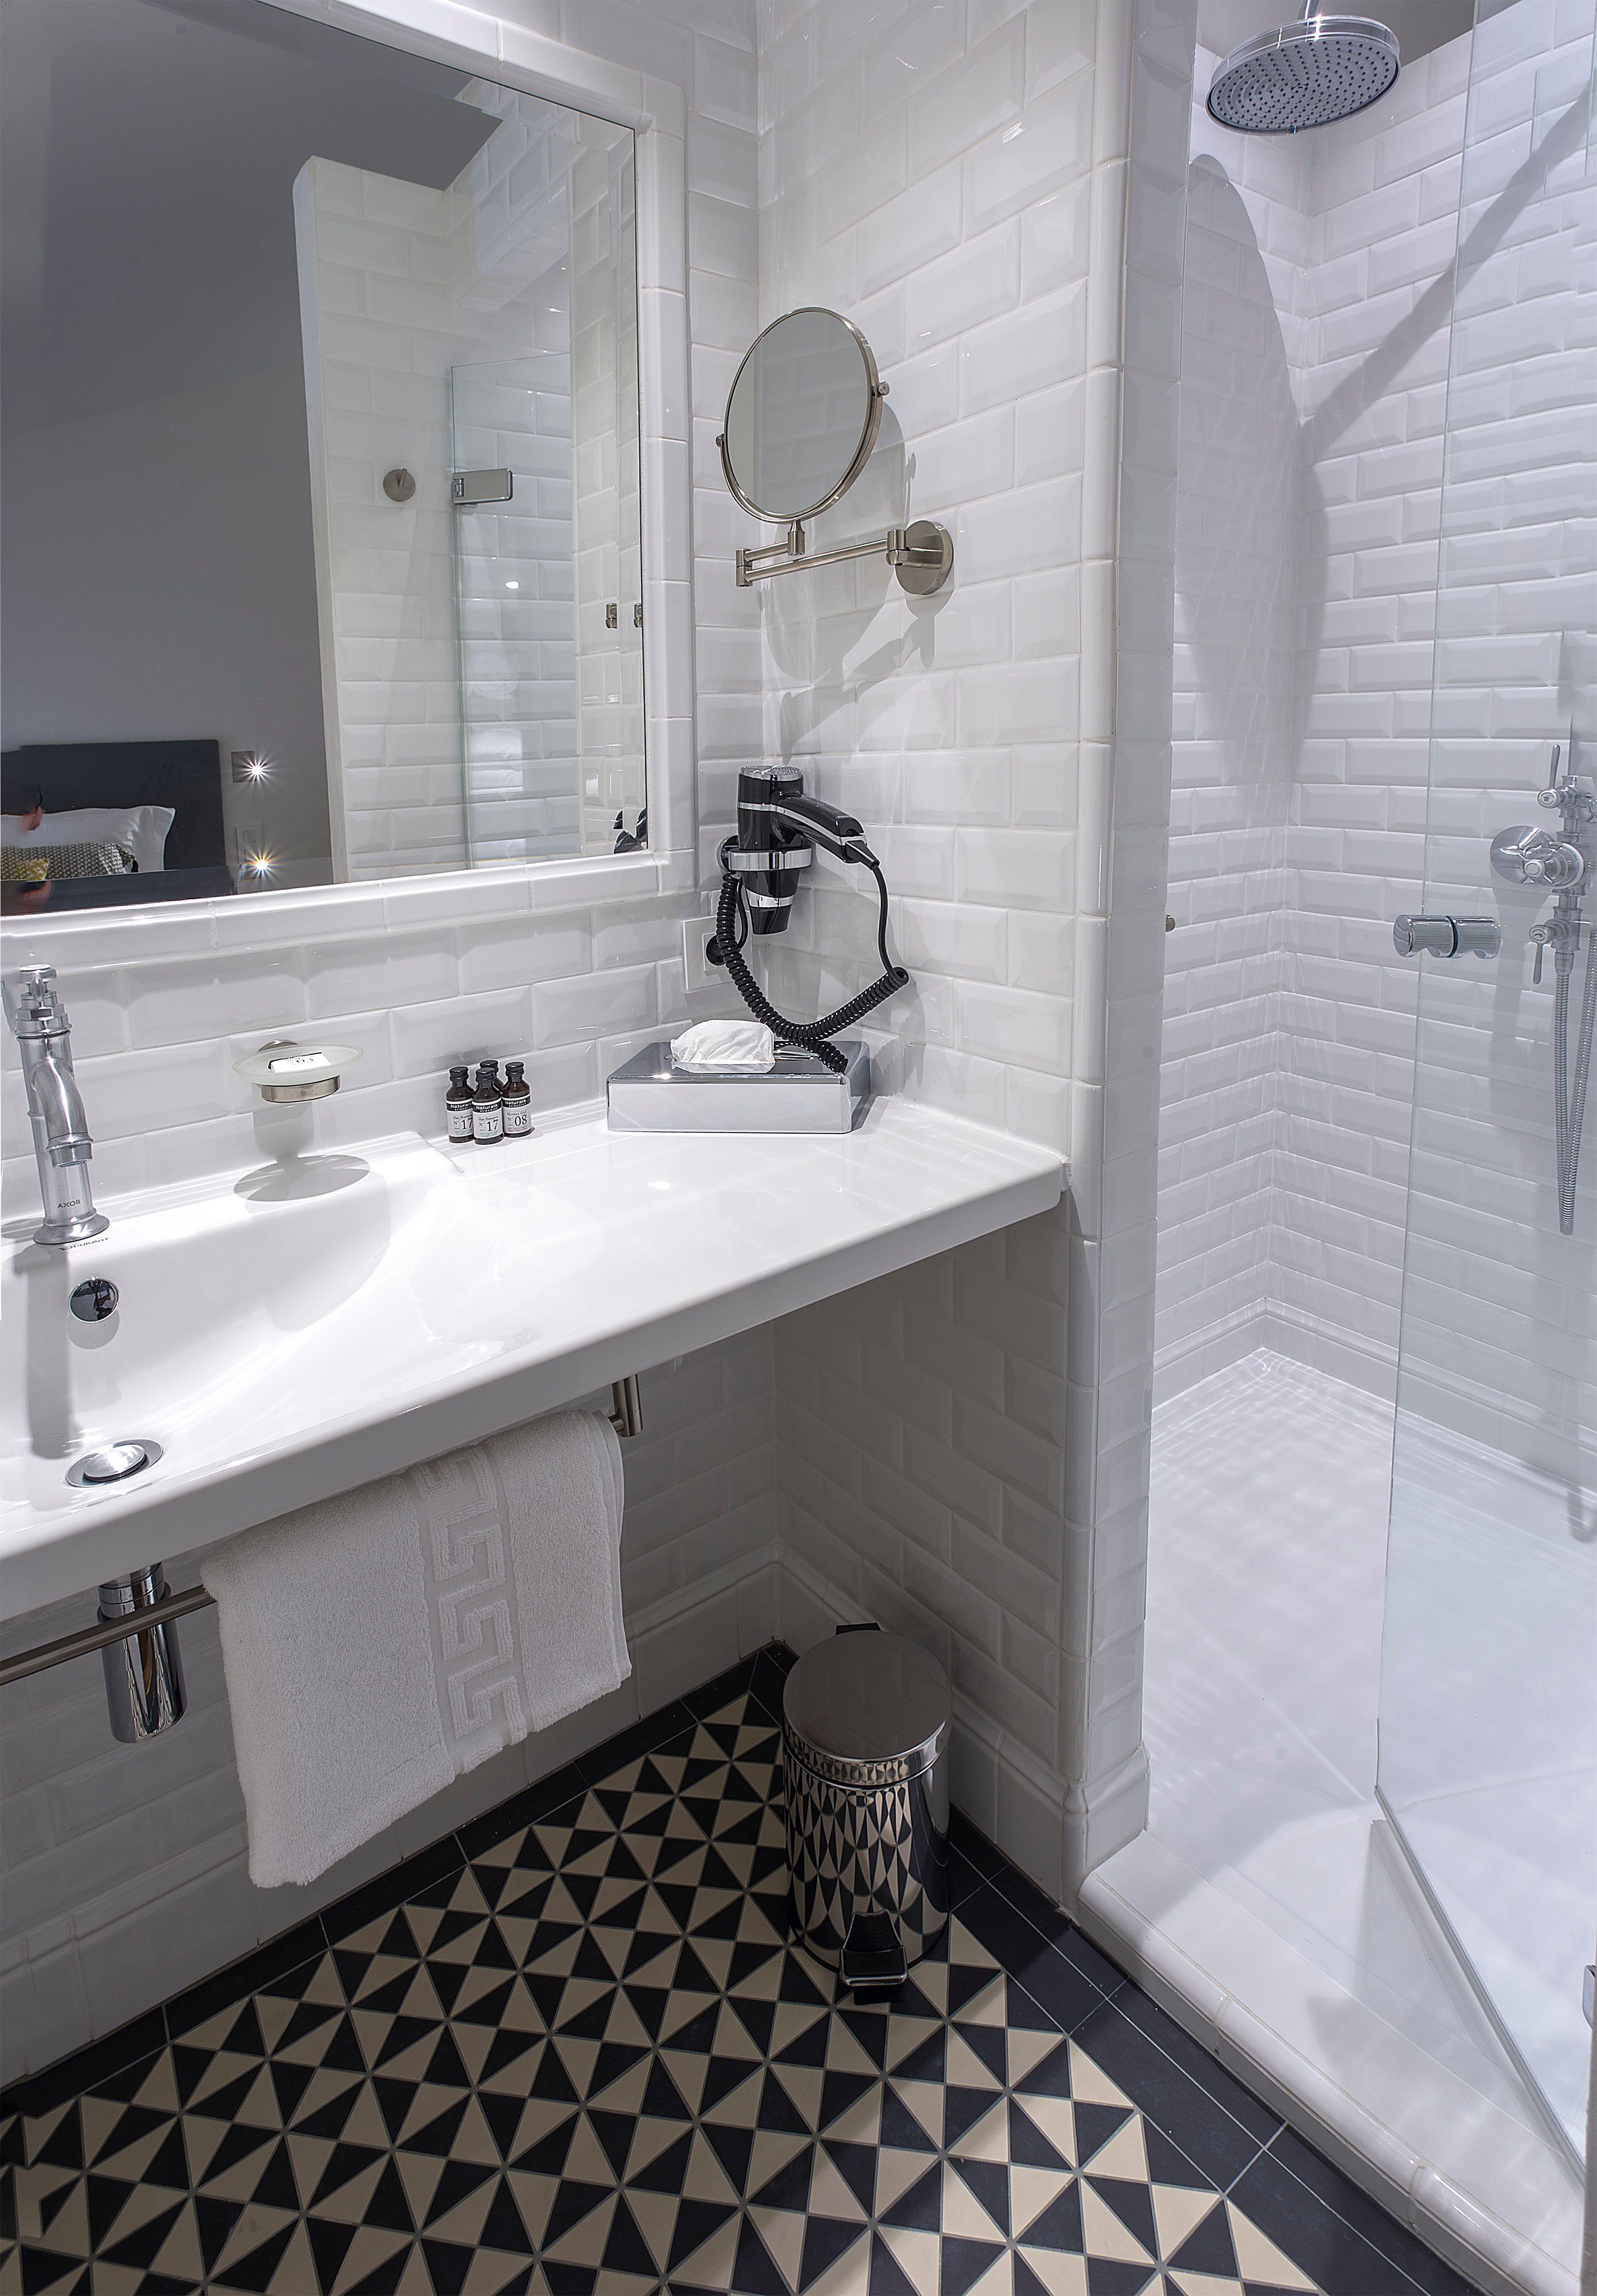 appart-hotel-angouleme-duplex-cote-est-deux-chambres-salle-de-bain-douche-mirroir